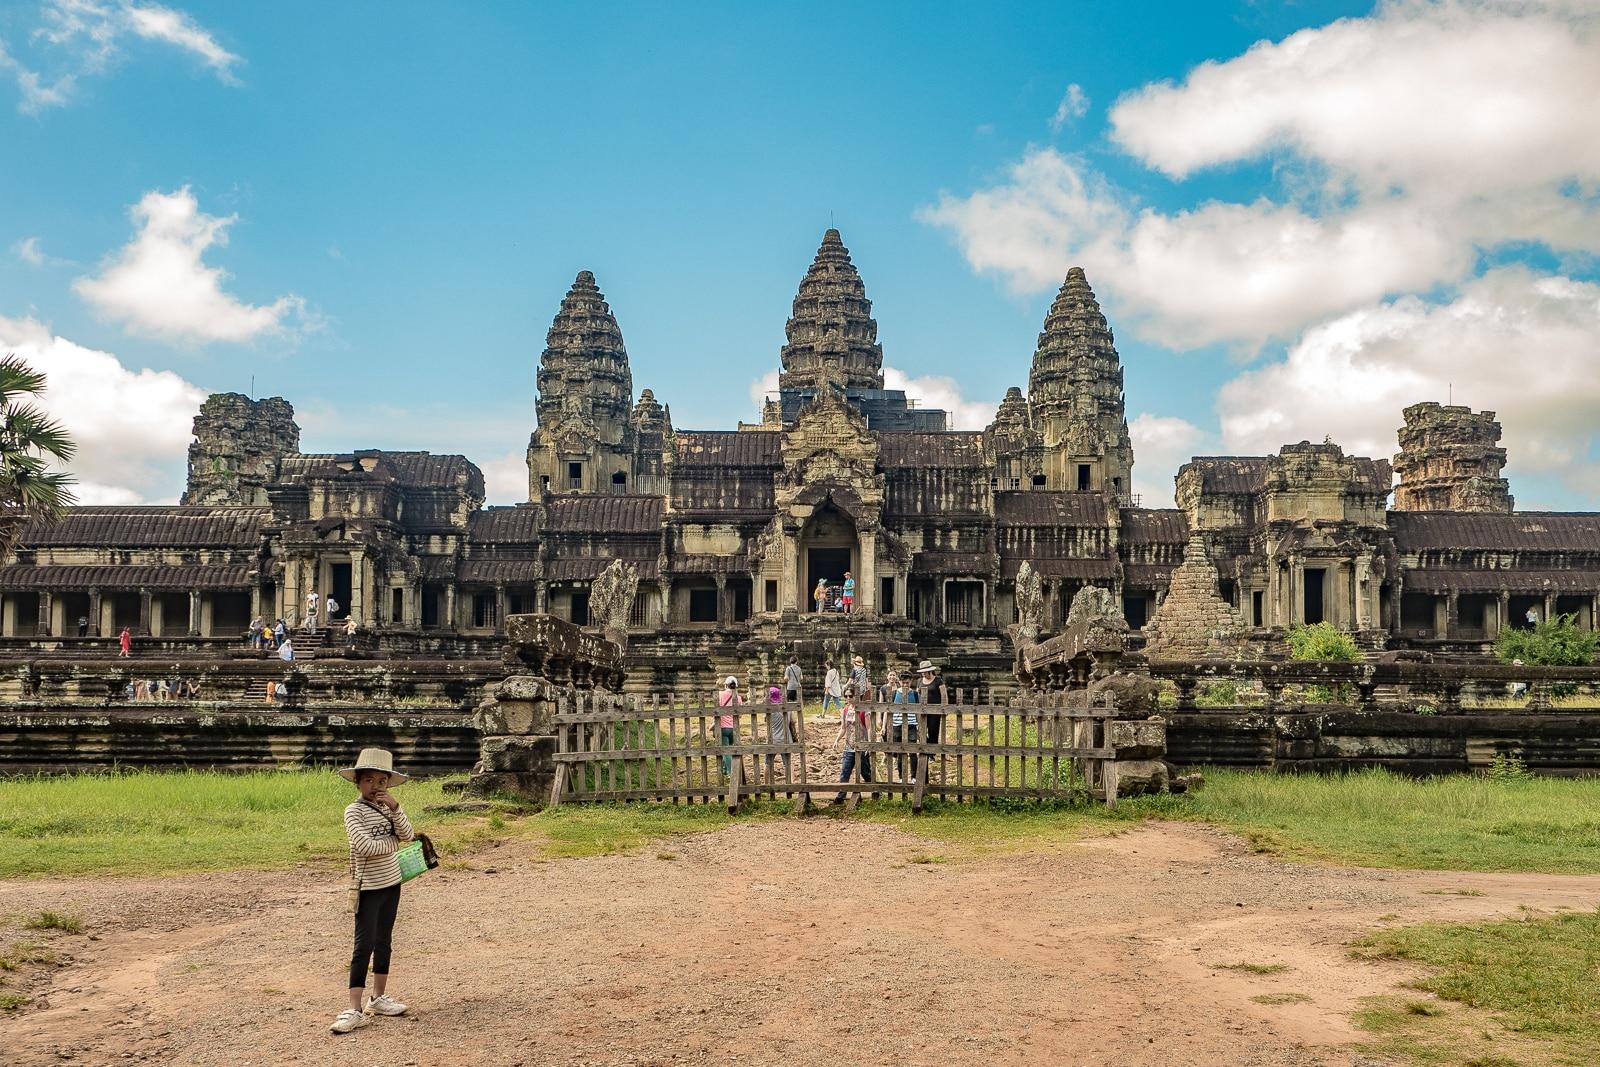 Angkor Wat widok z tyłu świątyni